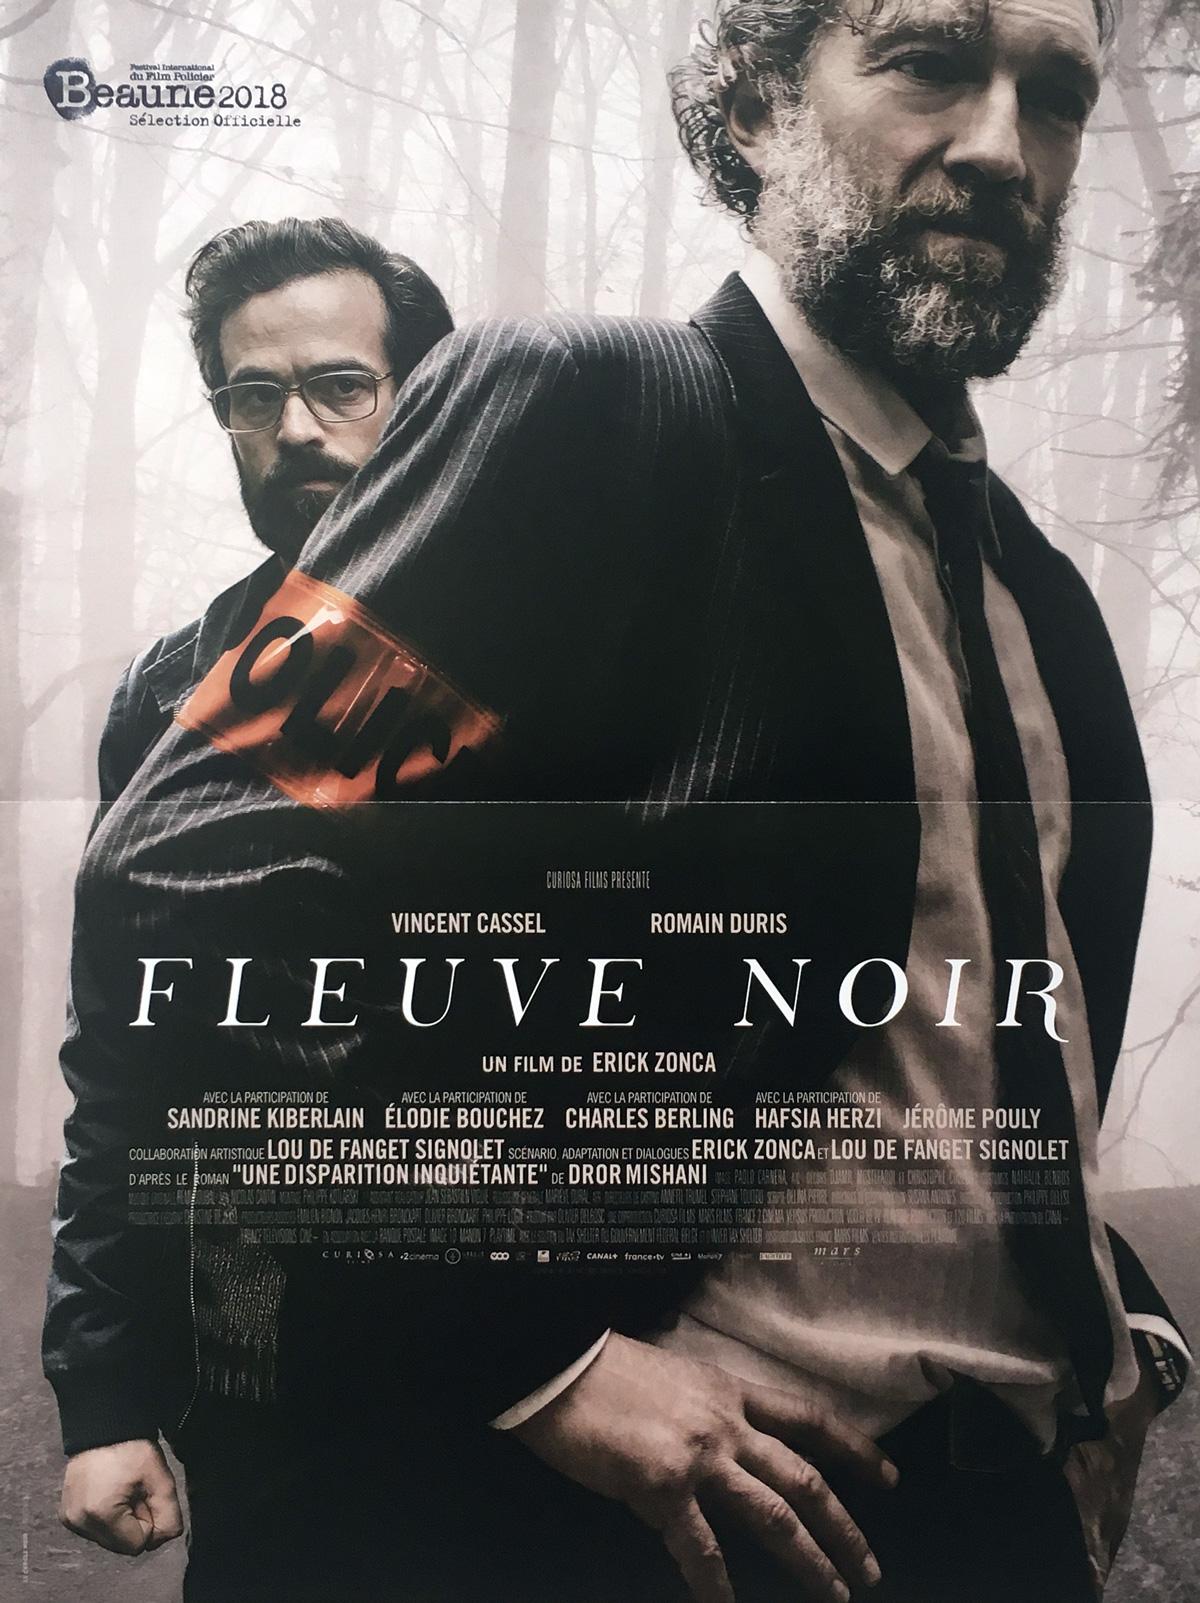 fleuve-noir-affiche-de-film-40x60-cm-201